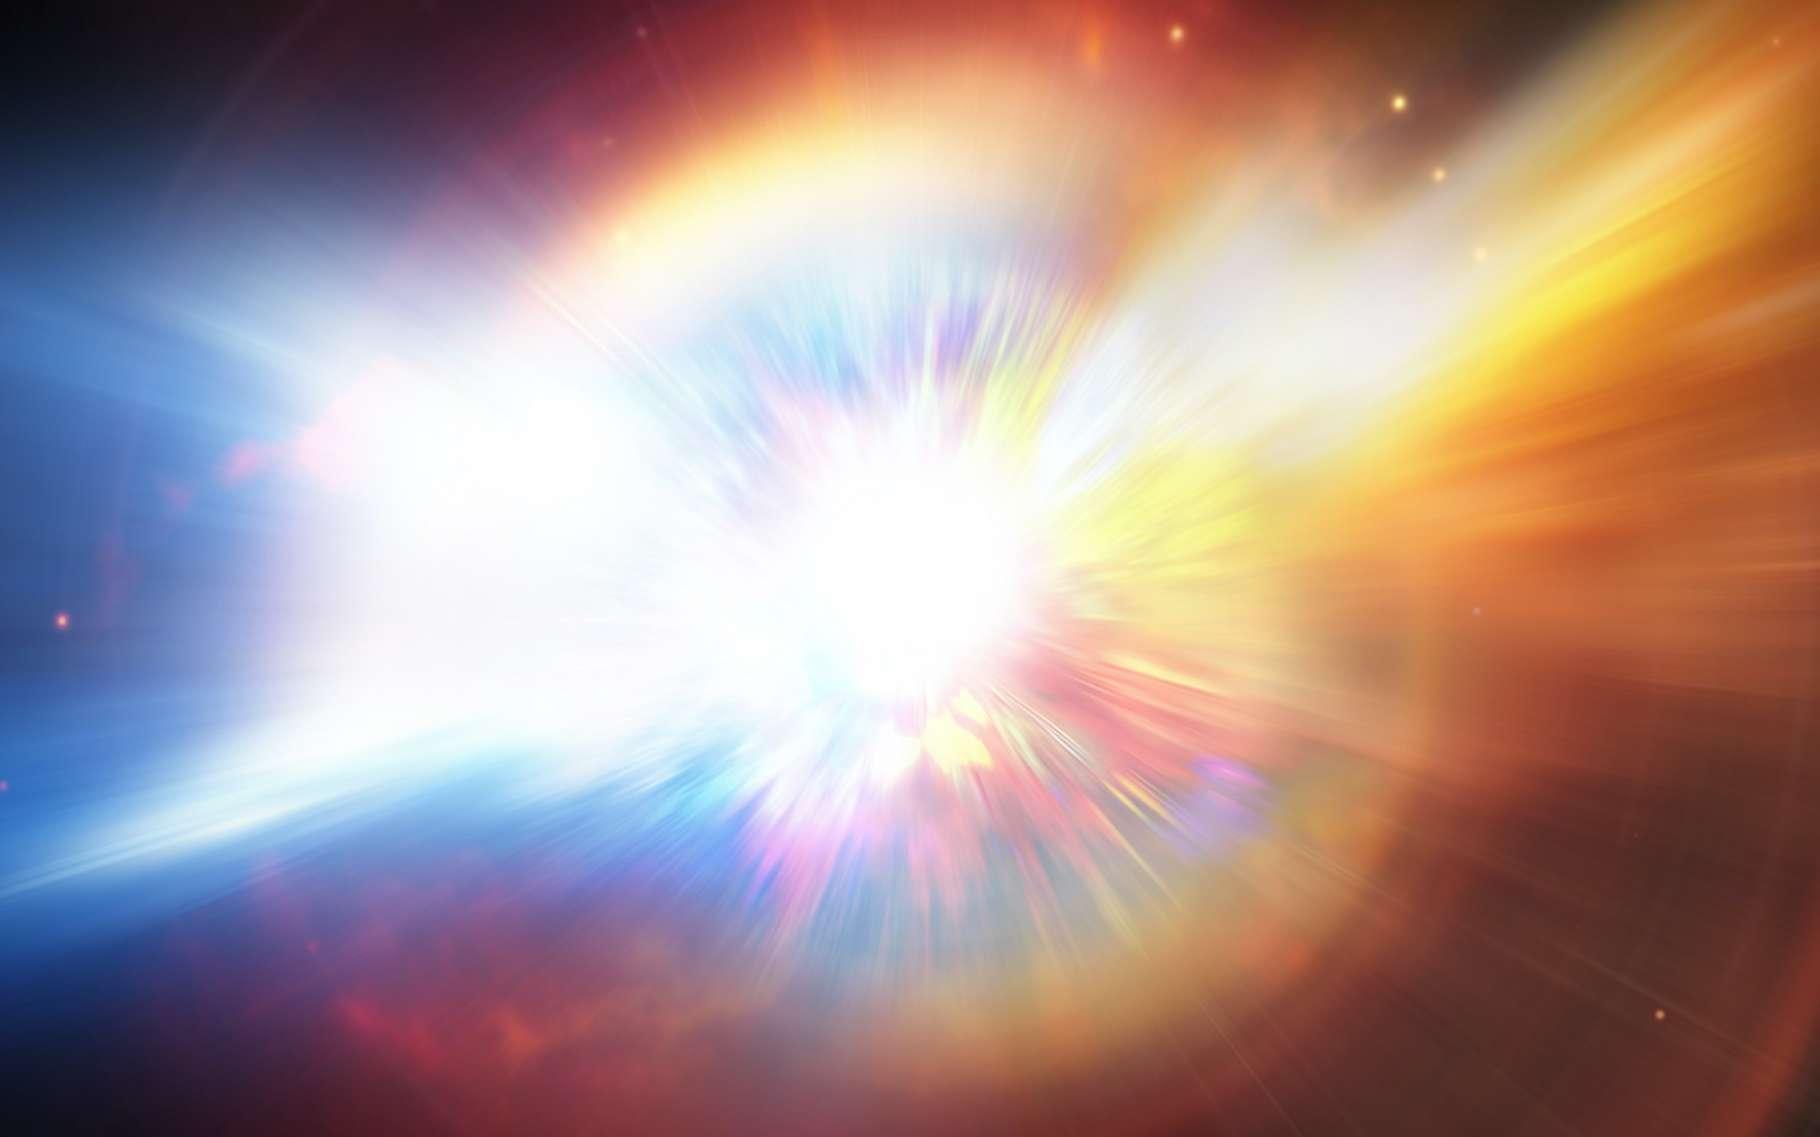 Selon Matt Caplan, un chercheur de l'université de l'État de l'Illinois (États-Unis), le dernier spectacle que nous offrira notre Univers sera celui de l'explosion d'une partie de ses naines noires, des étoiles mortes depuis longtemps. © cameraman, Adobe Stock